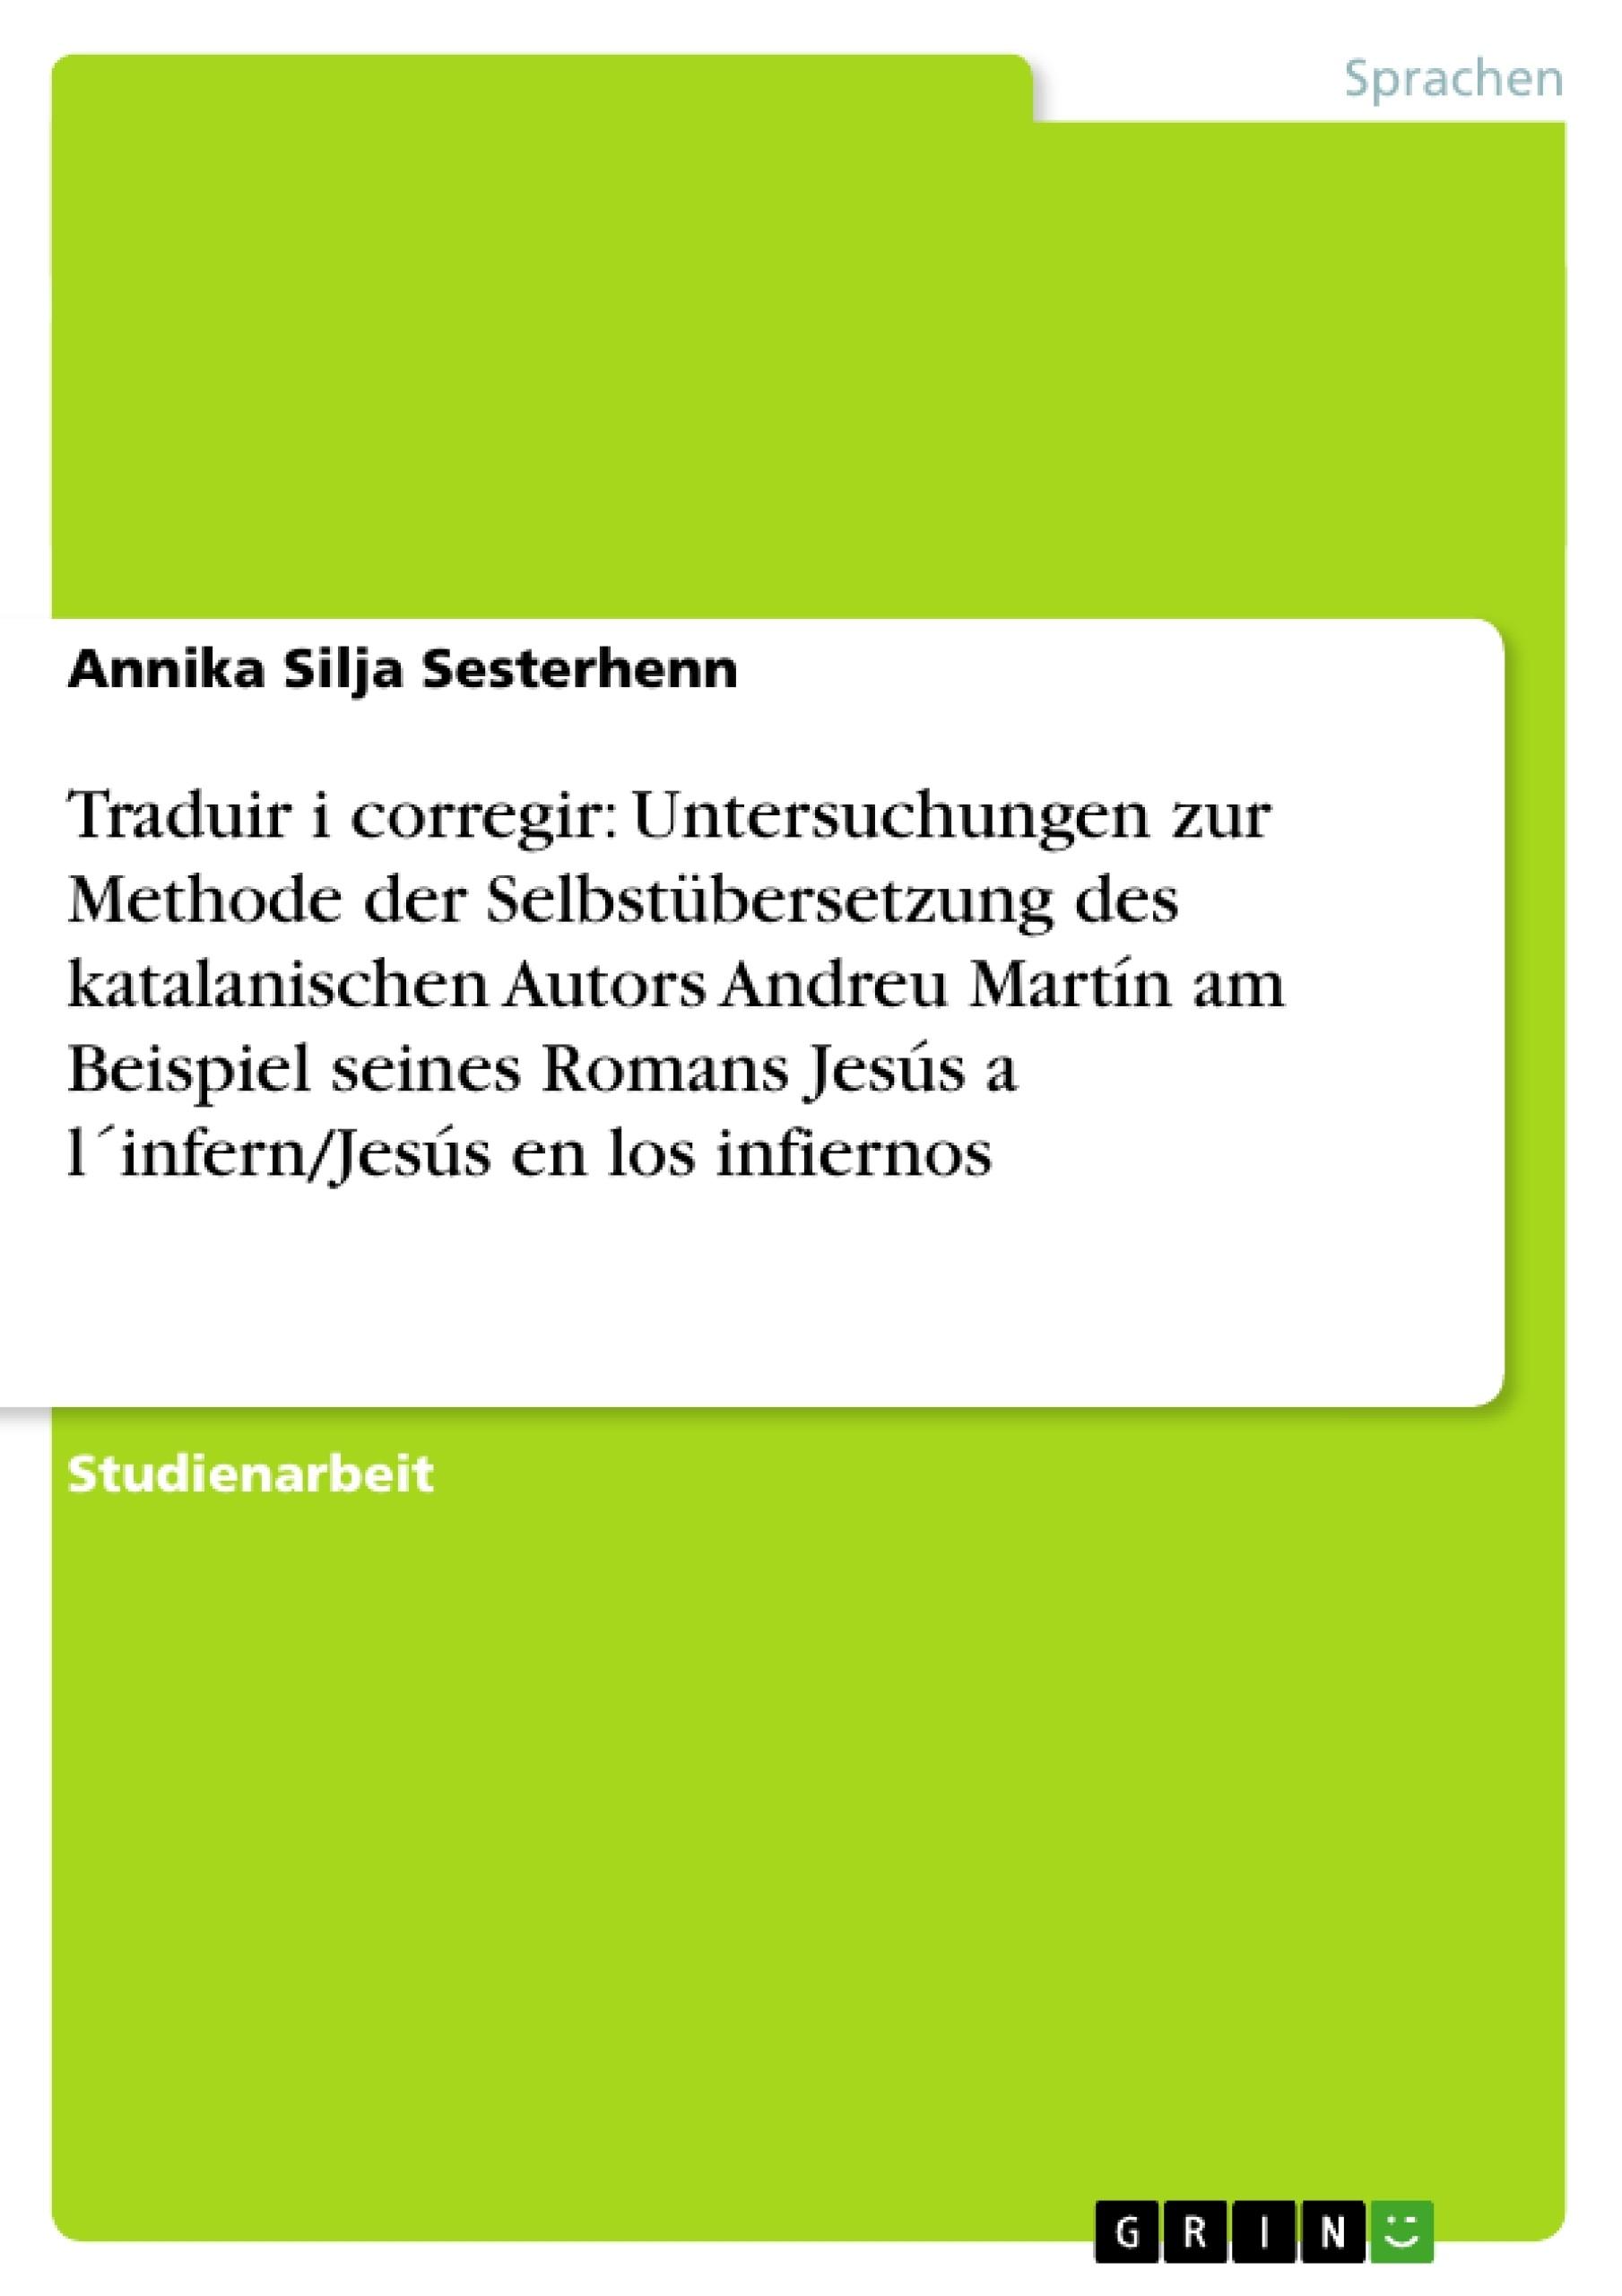 Titel: Traduir i corregir: Untersuchungen zur Methode der Selbstübersetzung des katalanischen Autors Andreu Martín am Beispiel seines Romans Jesús a l´infern/Jesús en los infiernos